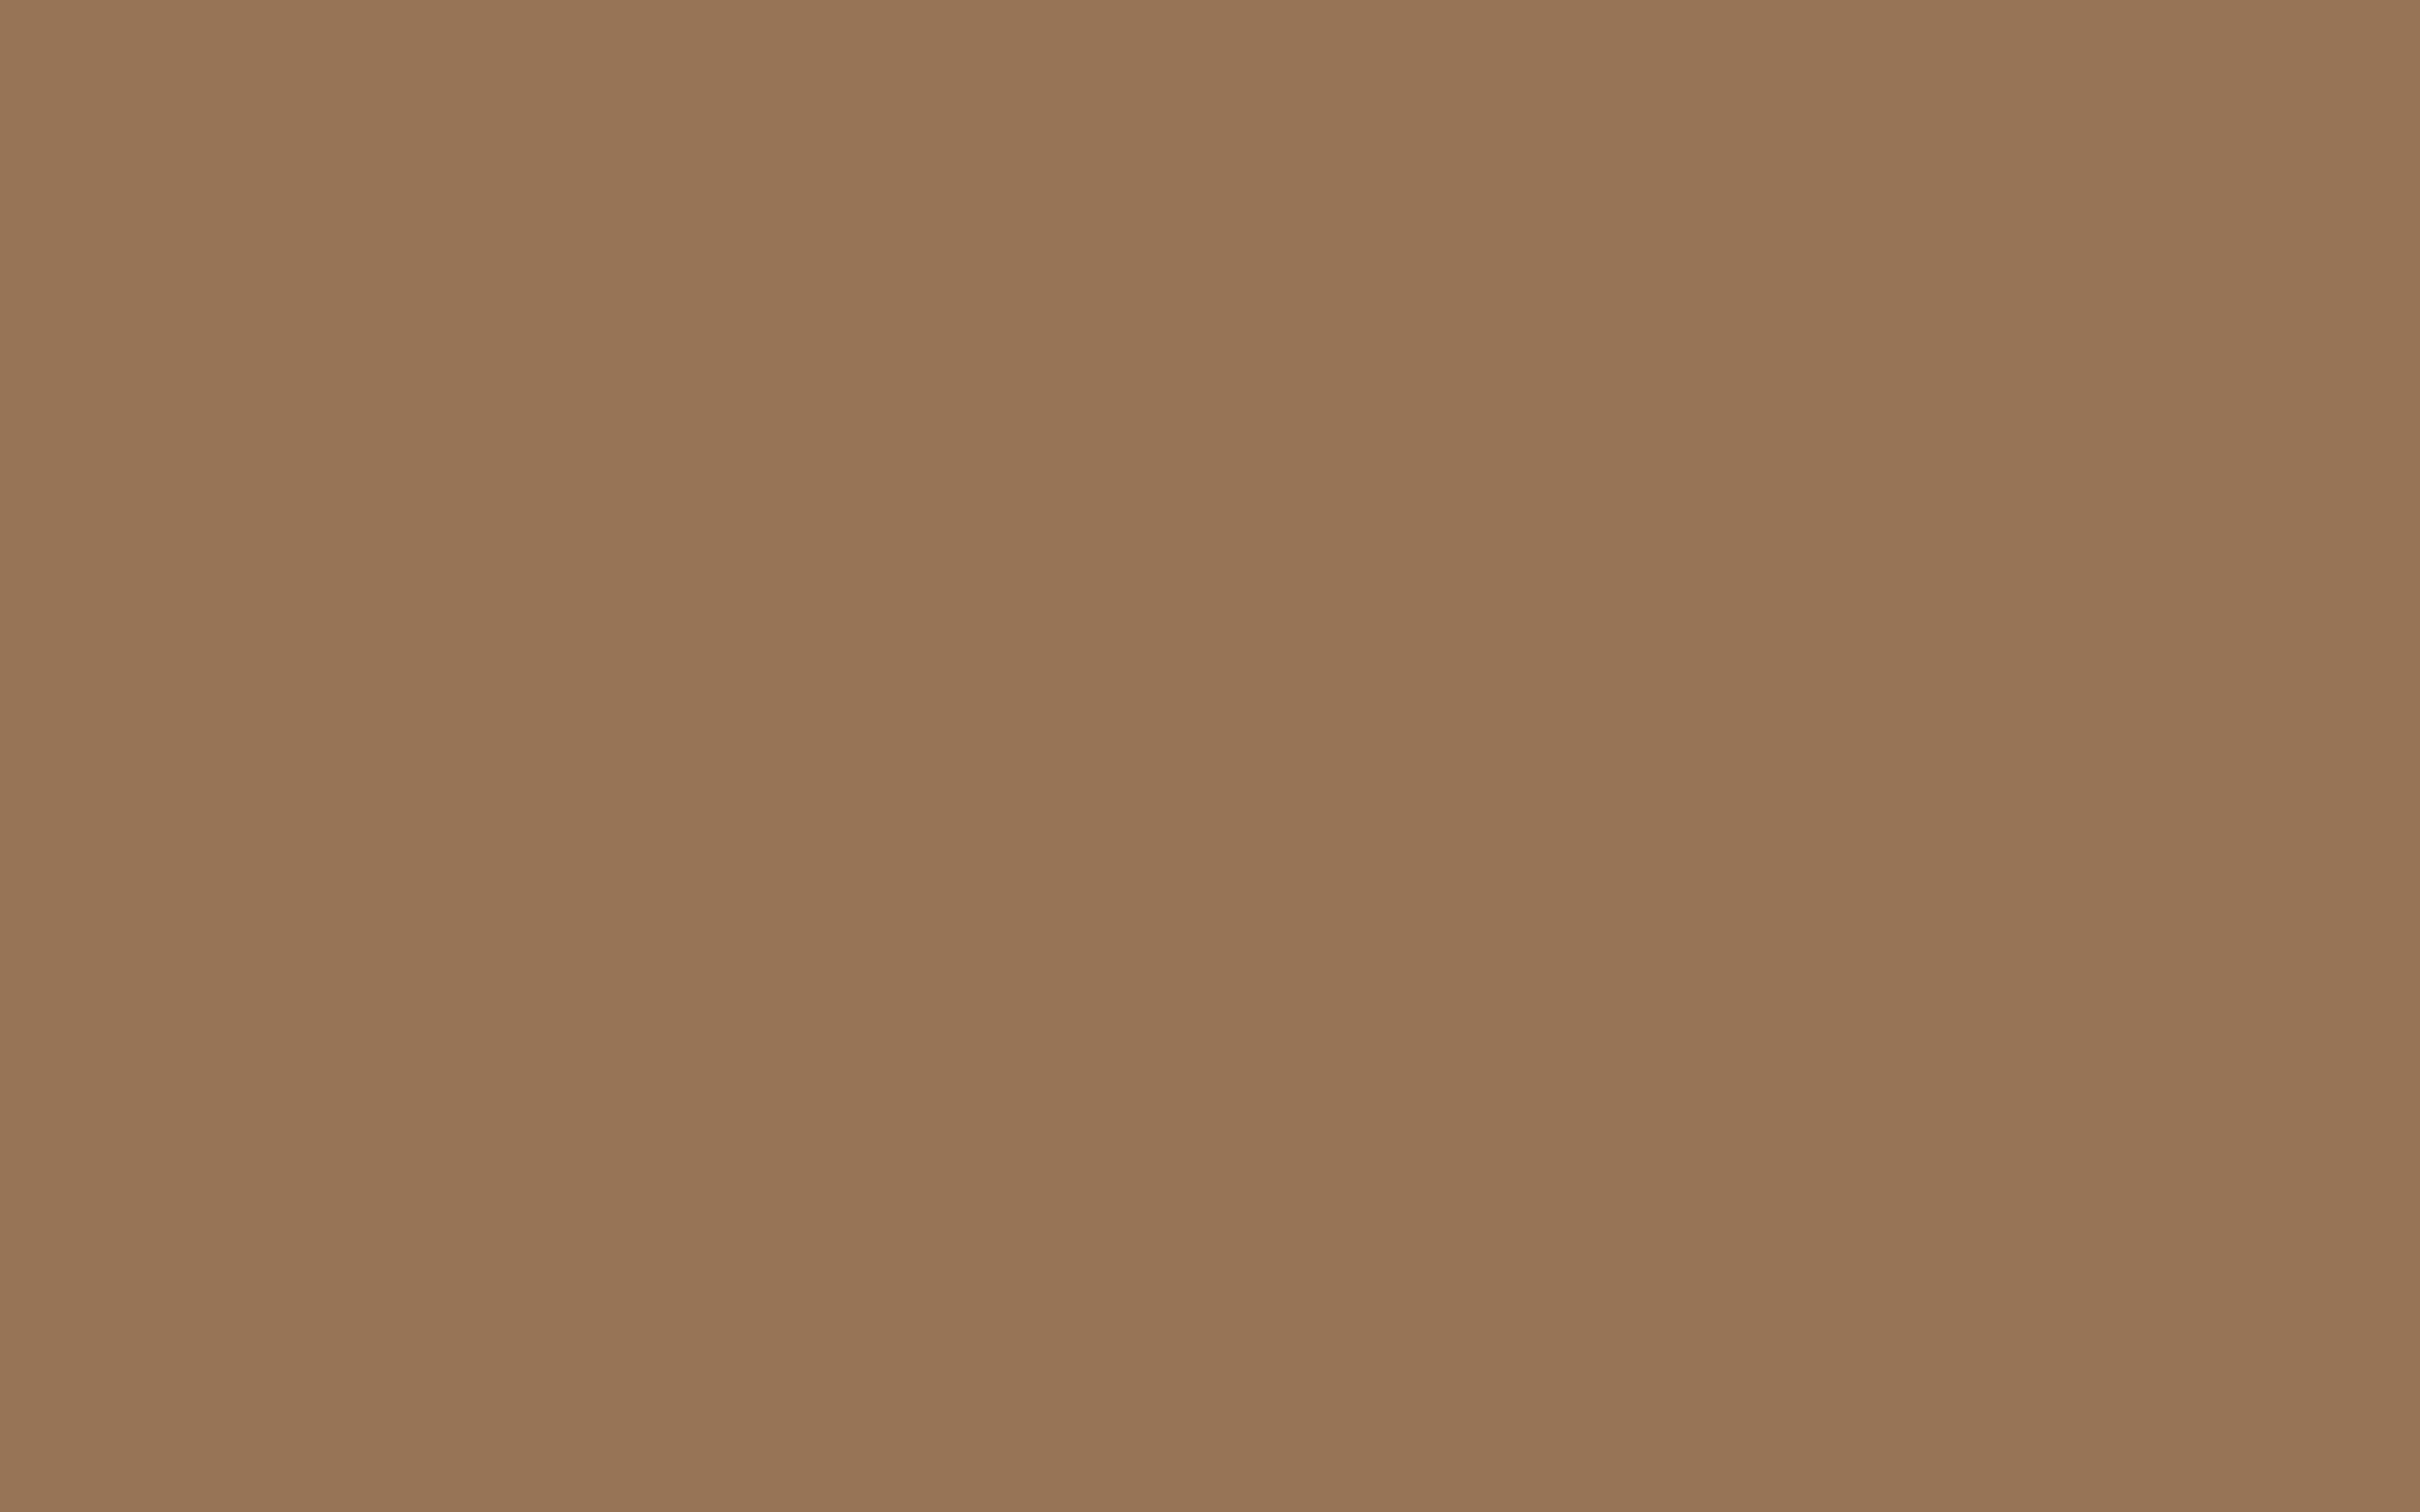 2560x1600 Liver Chestnut Solid Color Background